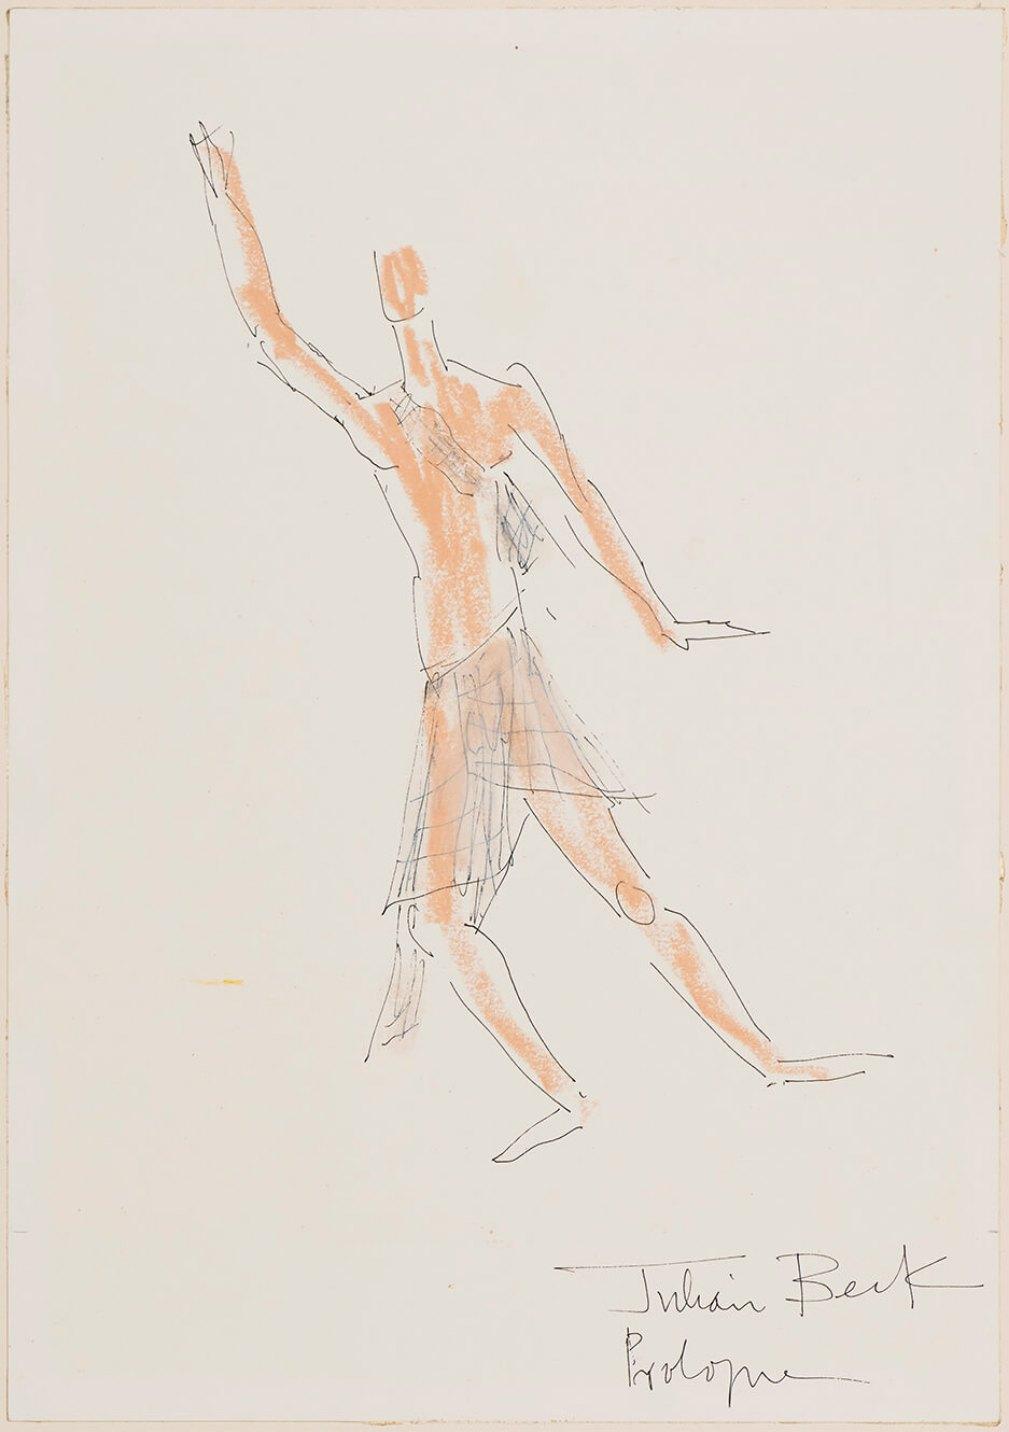 Julian Beck,<em>Prologue</em>, 1982,oil pastel and pencil on paper, 44 × 34 cm - Mendes Wood DM